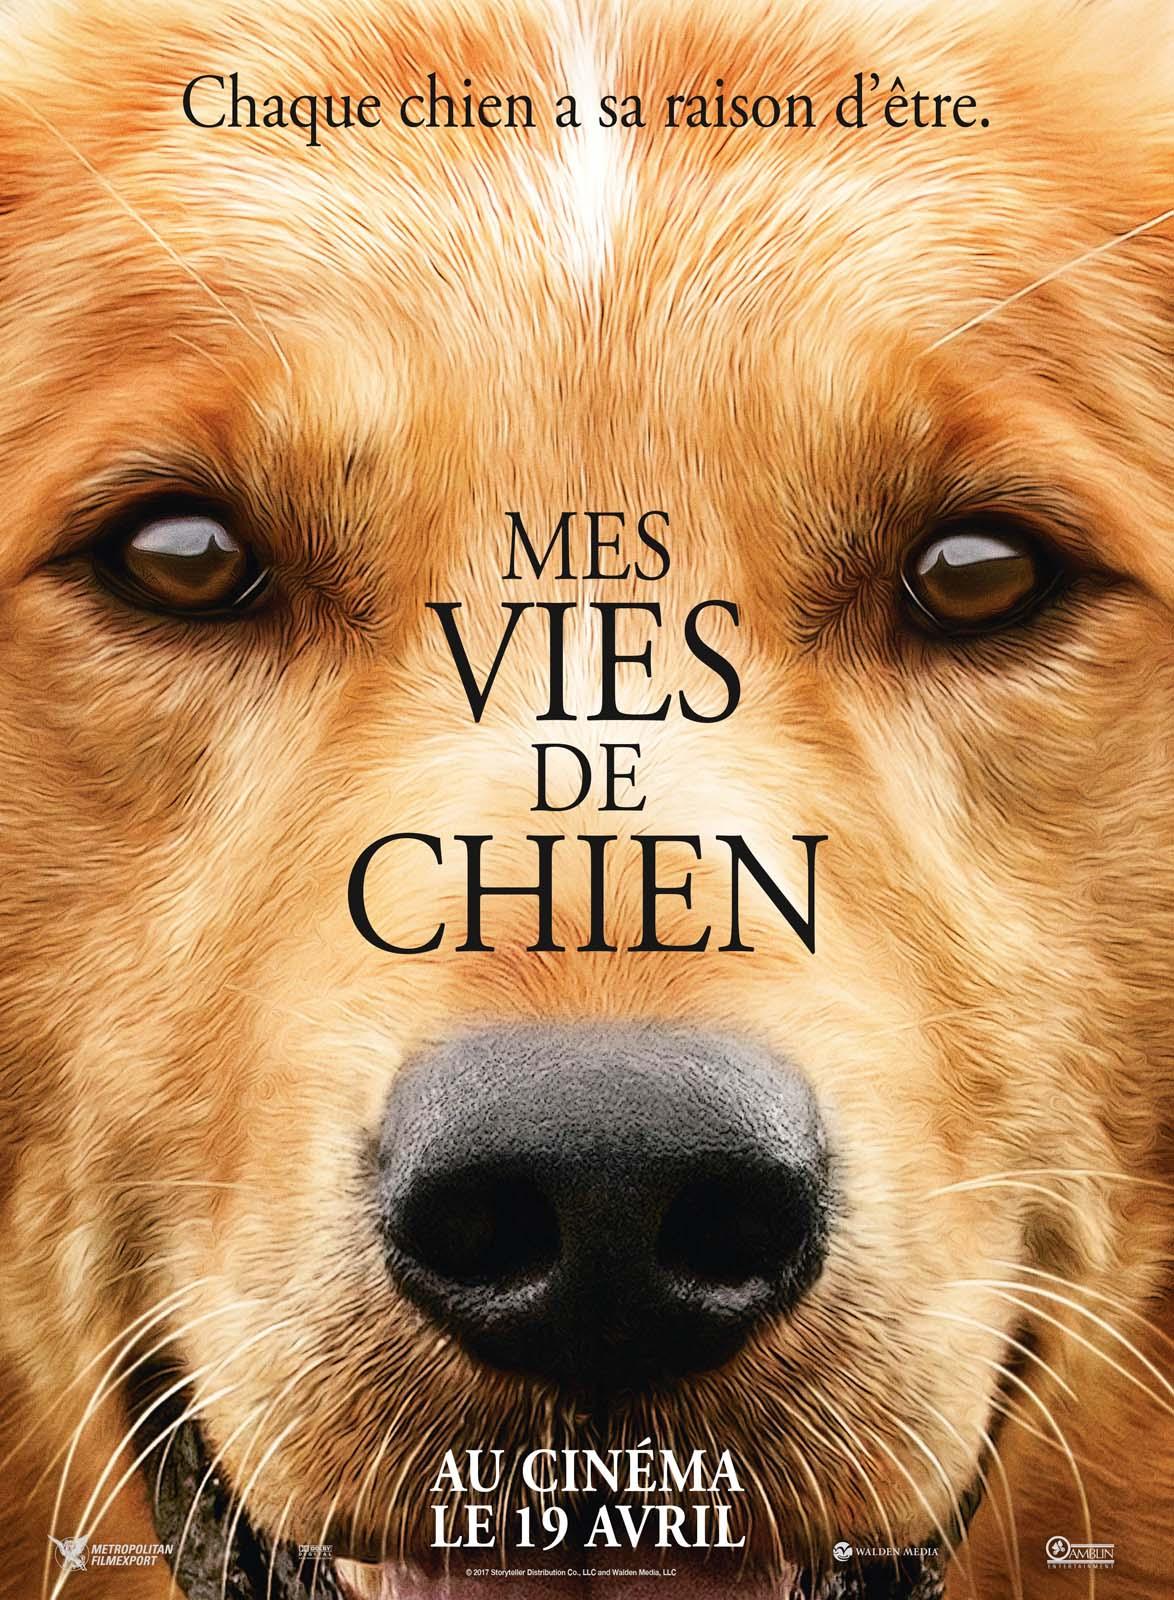 Mes autres vies de chien (2019), un film de Gail Mancuso